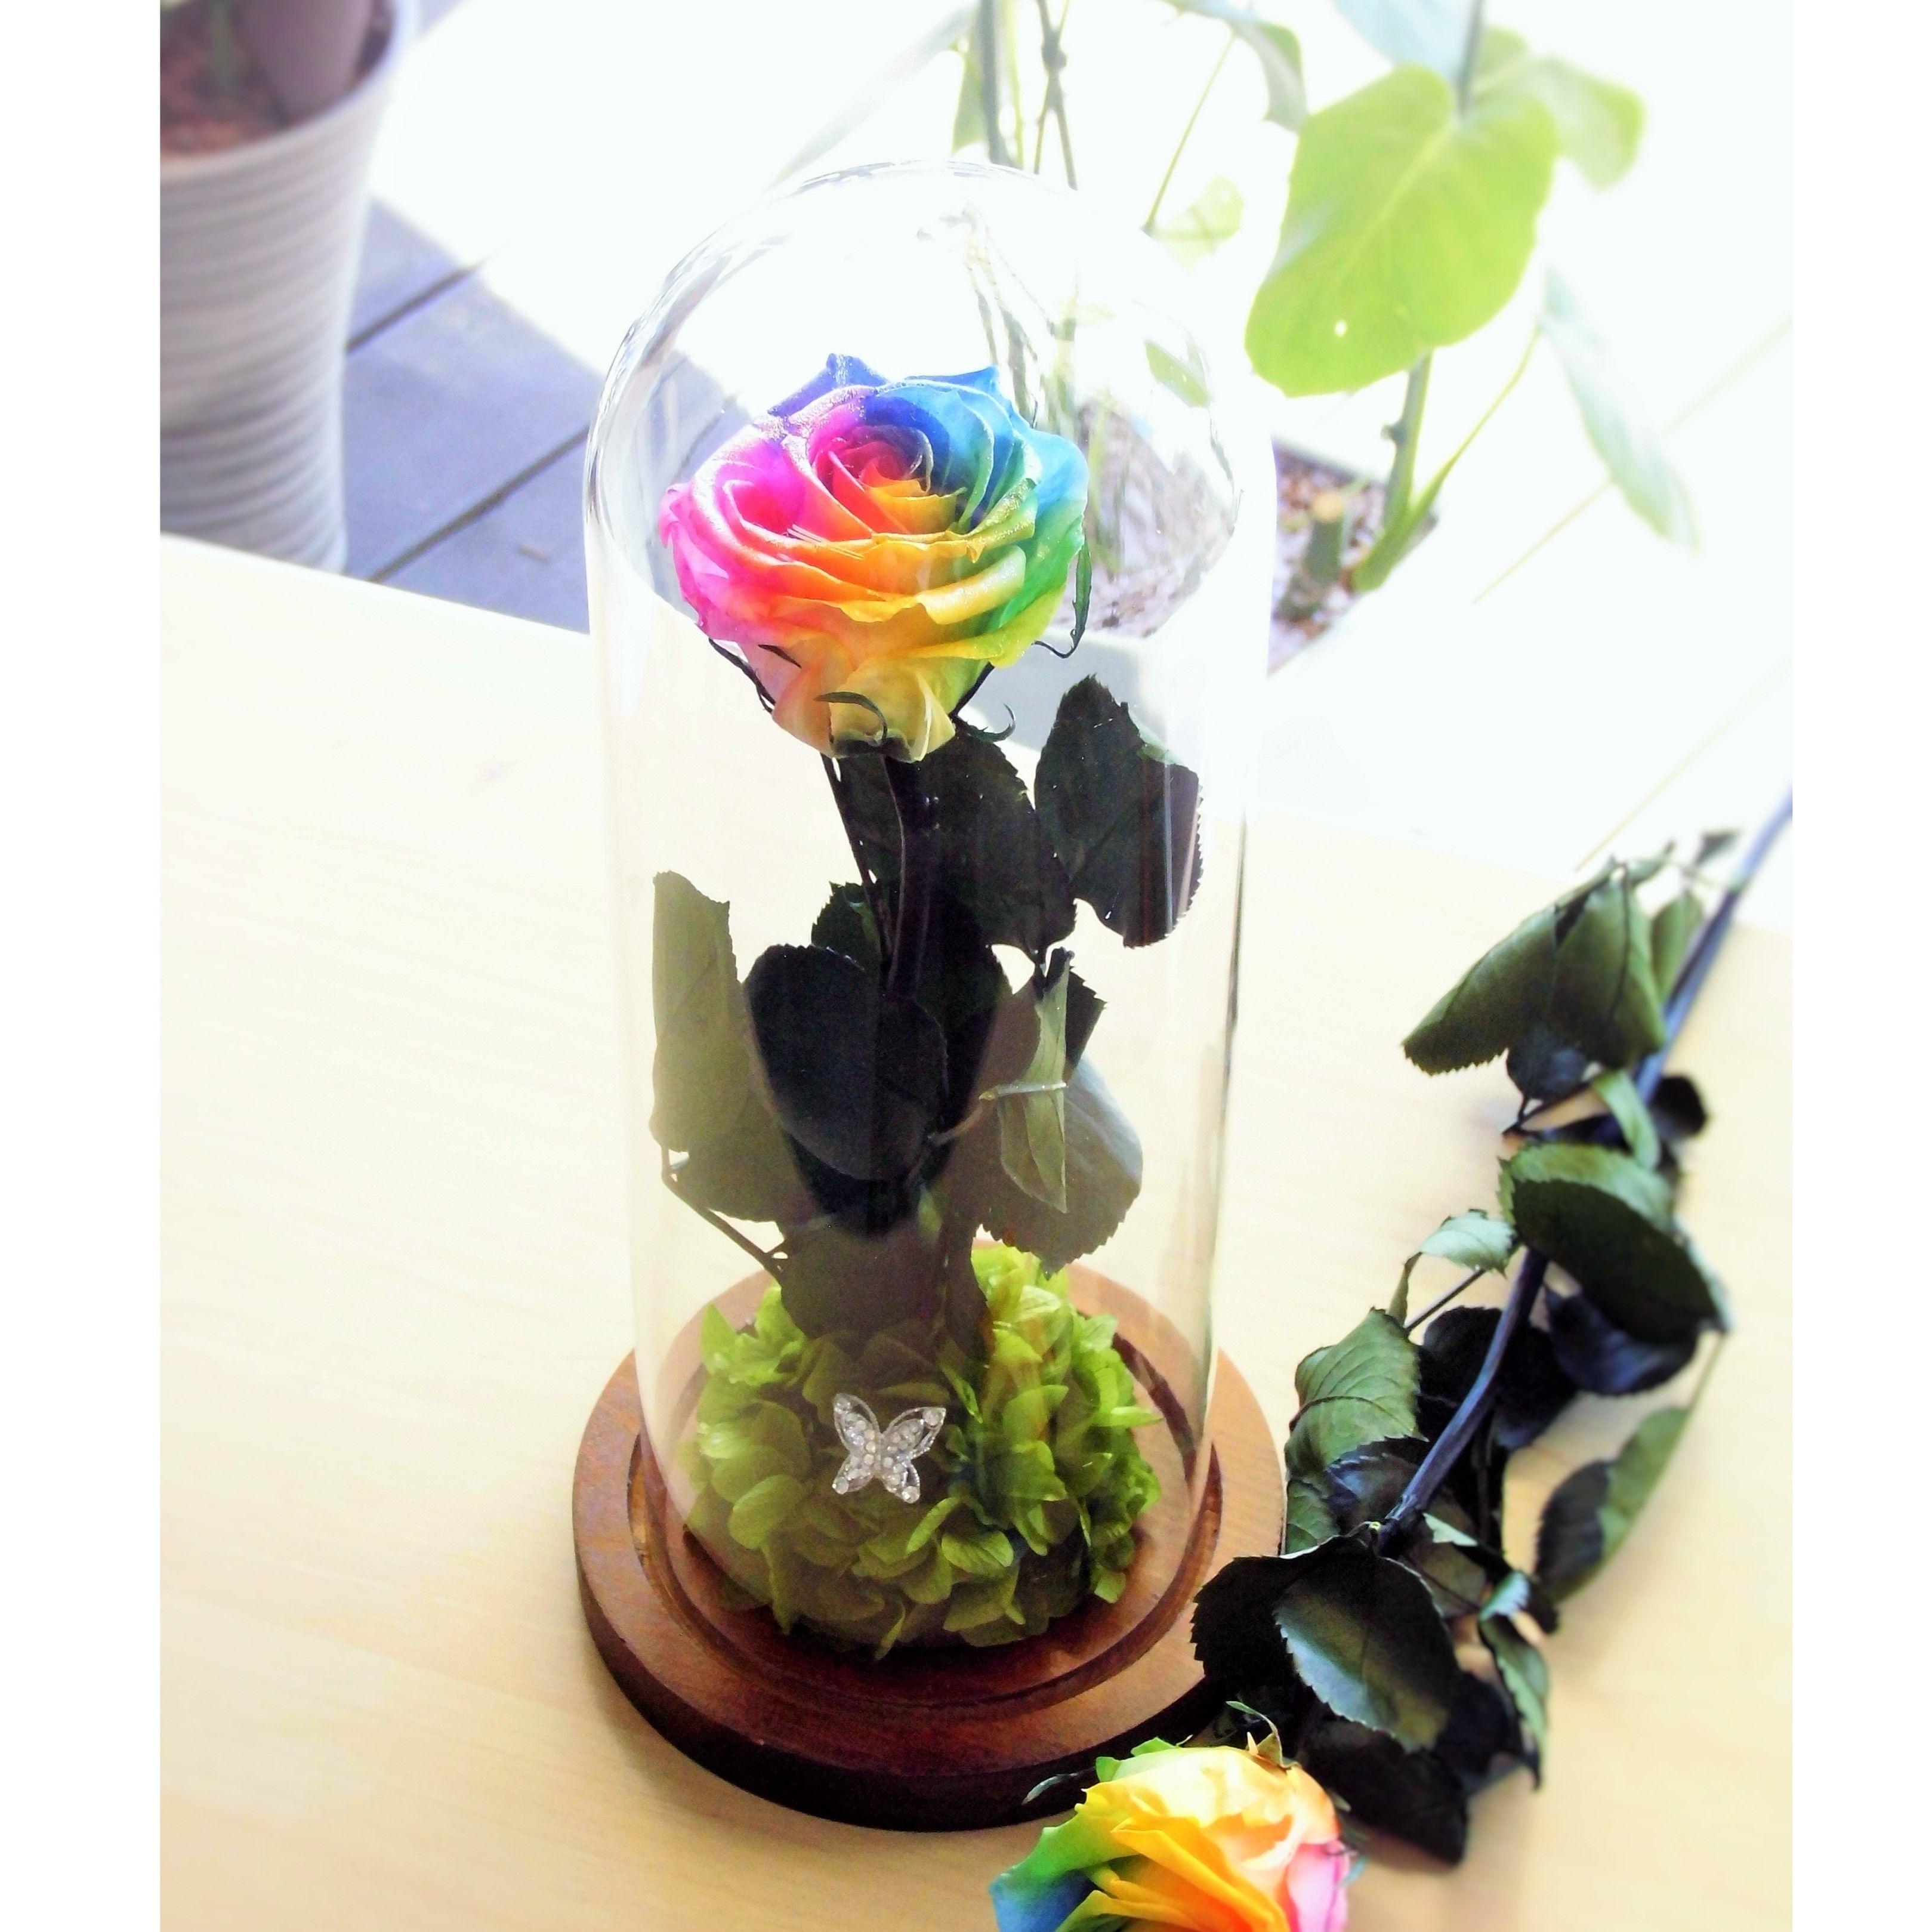 プリザーブドフラワー レインボーローズ ''Rainbow Dome'' ガラスドーム レインボーローズ茎までプリザーブドフラワー